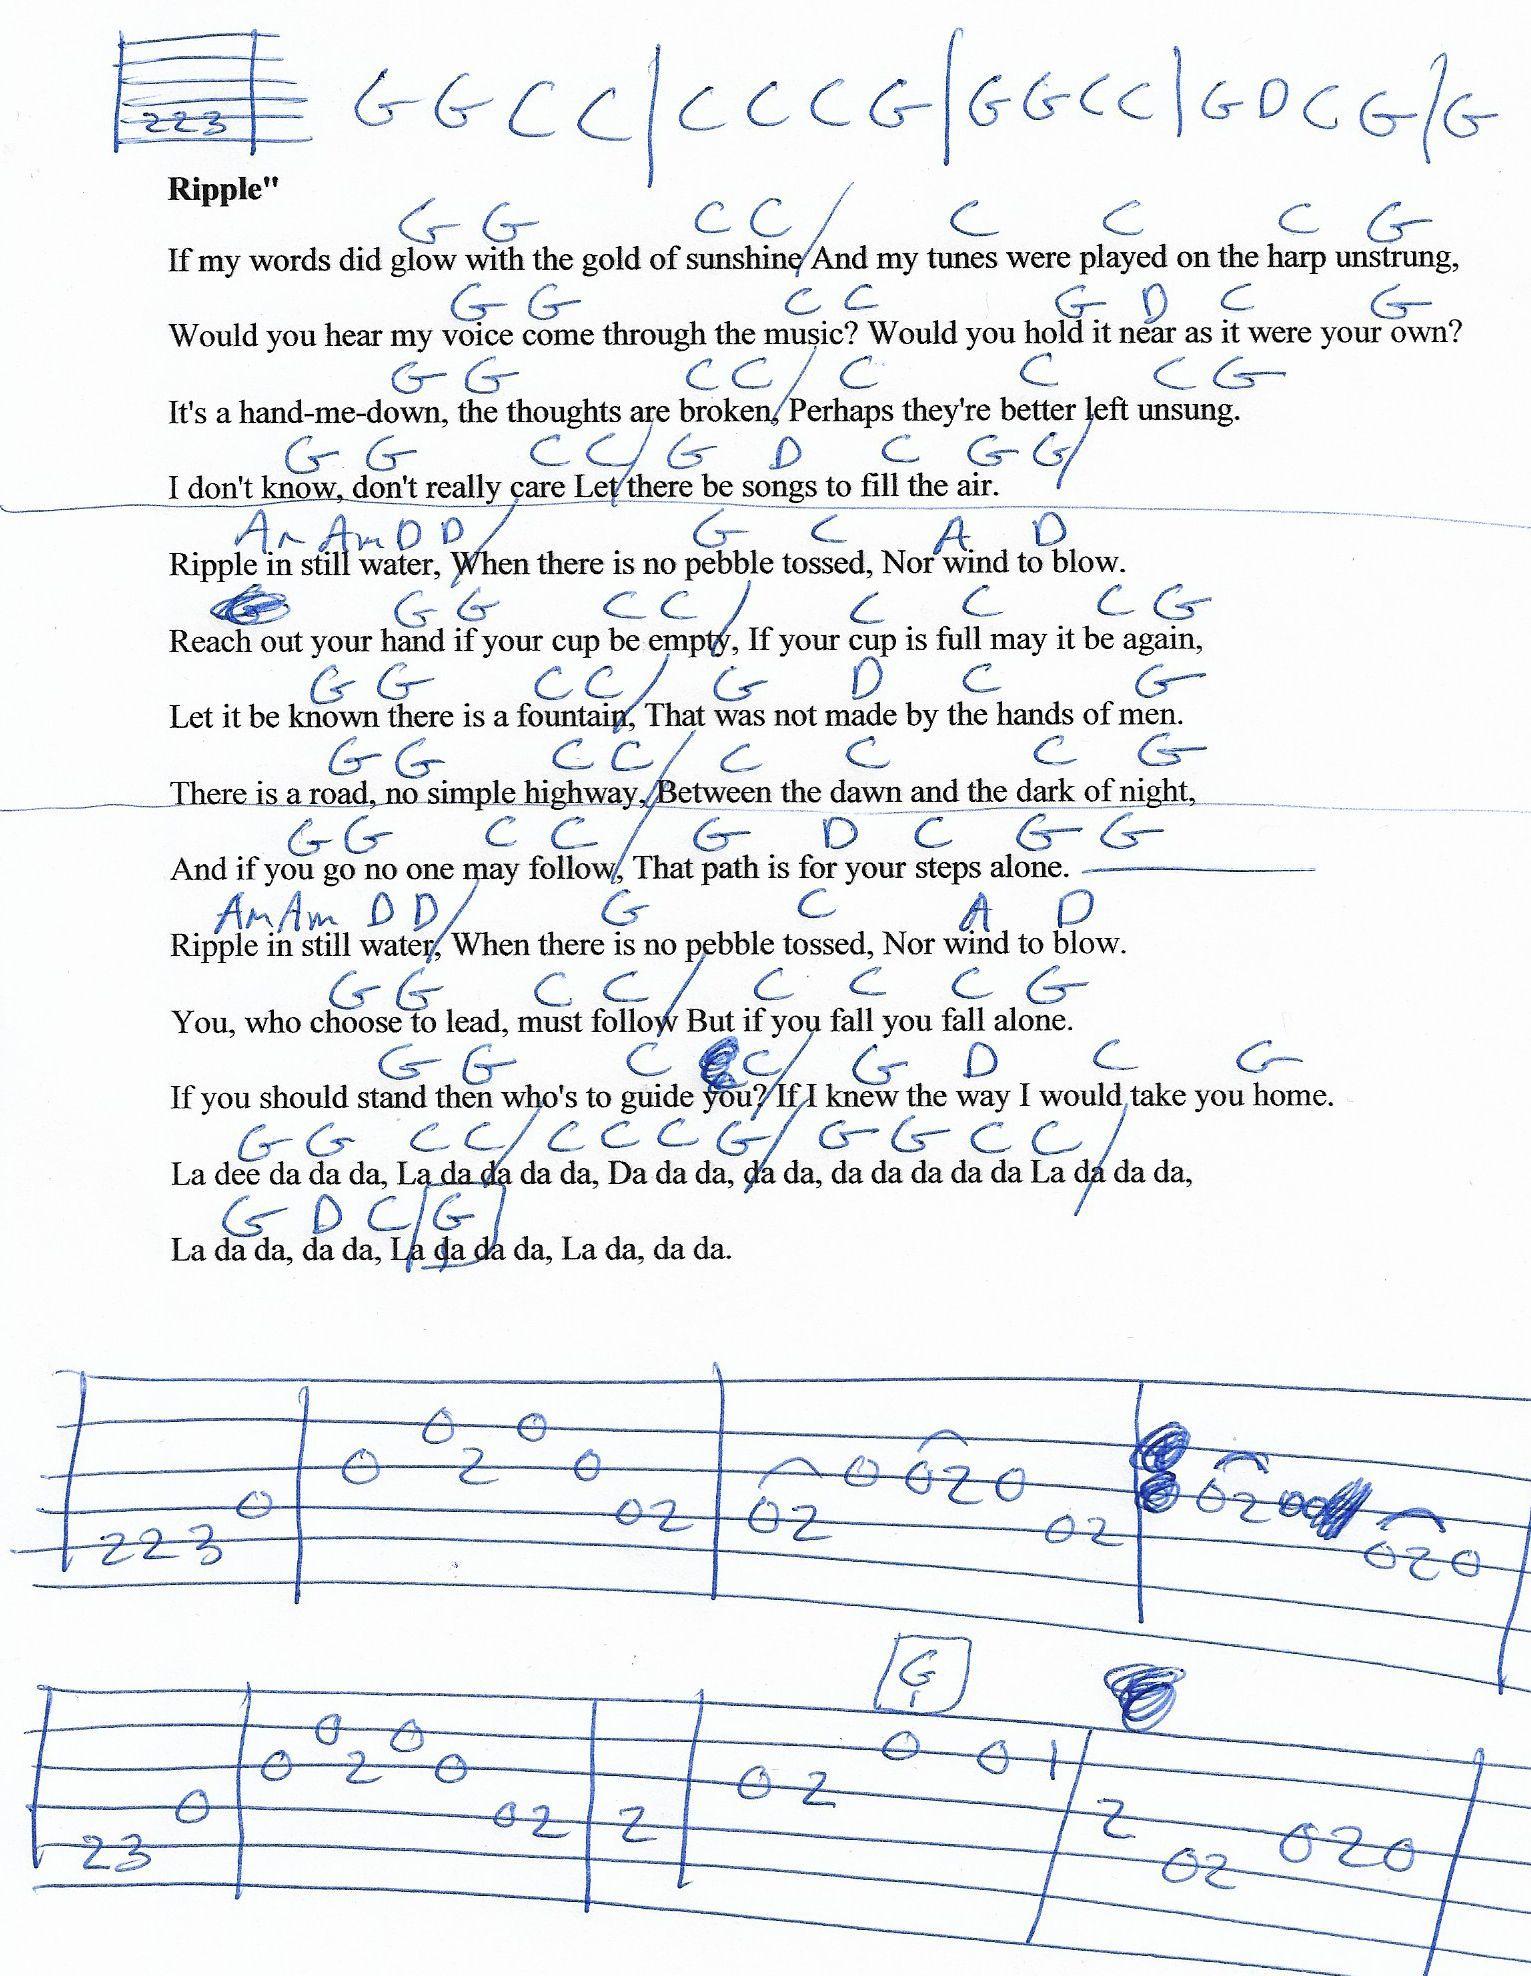 Ripple The Grateful Dead Guitar Chord Chart 2018 Guitar Lesson